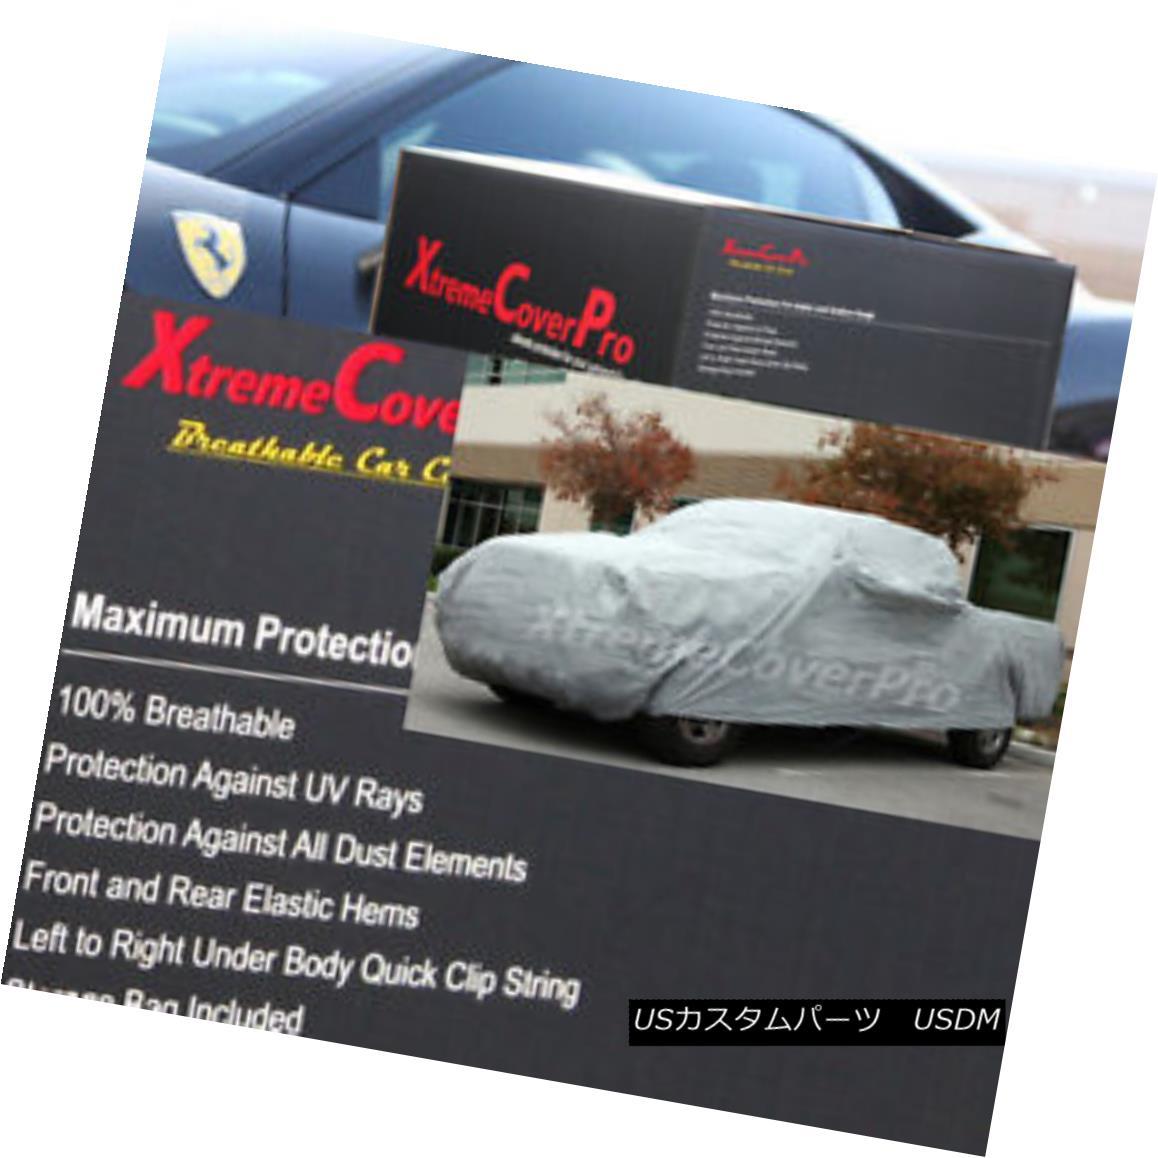 カーカバー 2001 2002 2003 Ford F-150 Reg Cab 6.5ft bed Breathable Truck Cover 2001 2002 2003フォードF-150レッグキャブ6.5ftベッド通気性トラックカバー